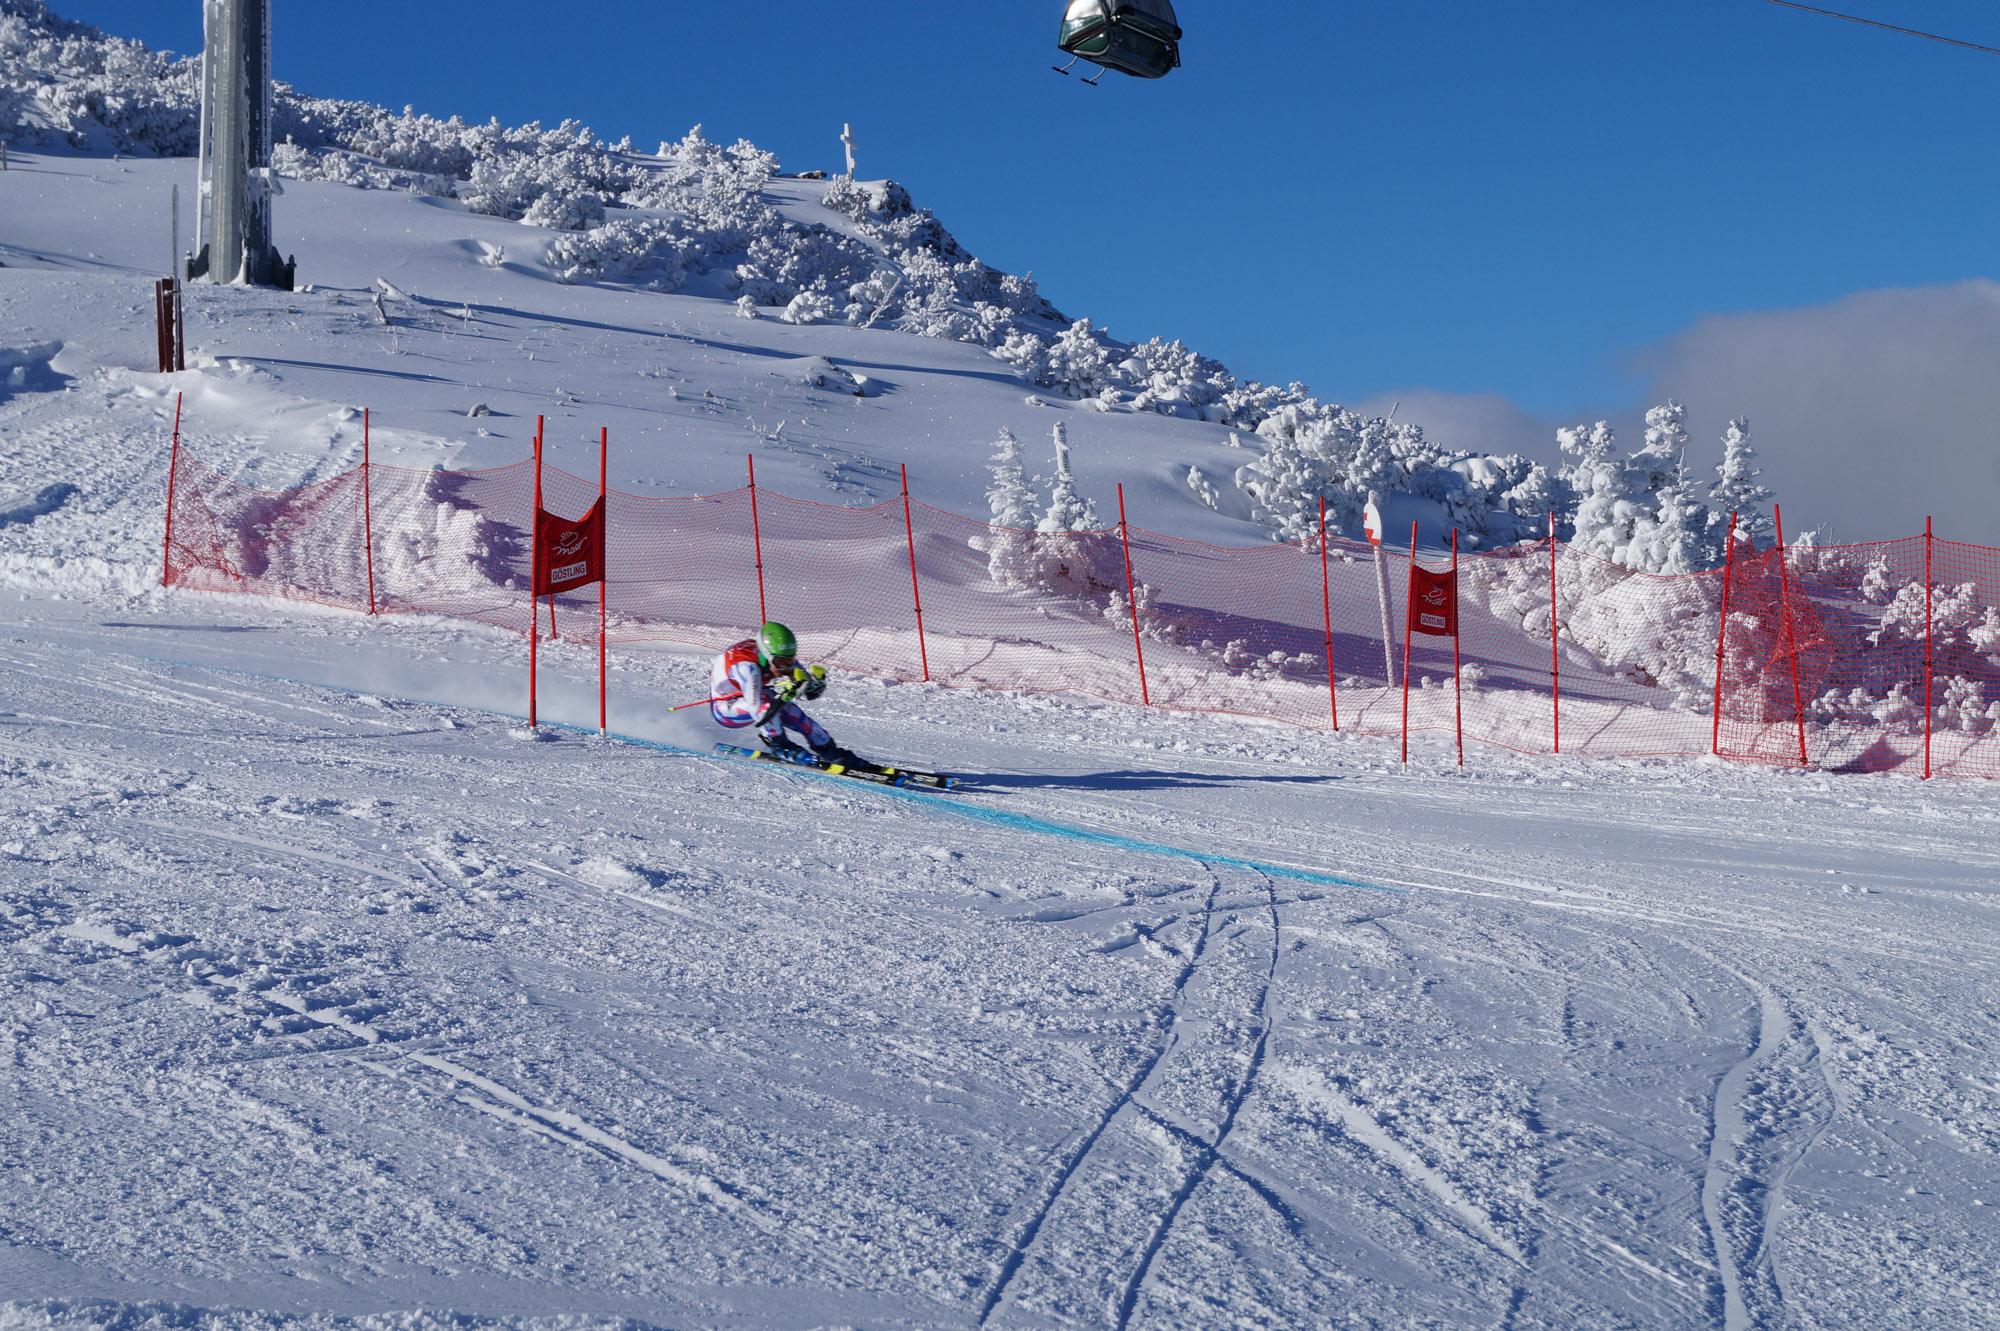 Am 12. und 13. Februar ist das Hochkar in Niederösterreich Austragungsort von FIS-Europacuprennen der Damen. Foto: Andreas Danner